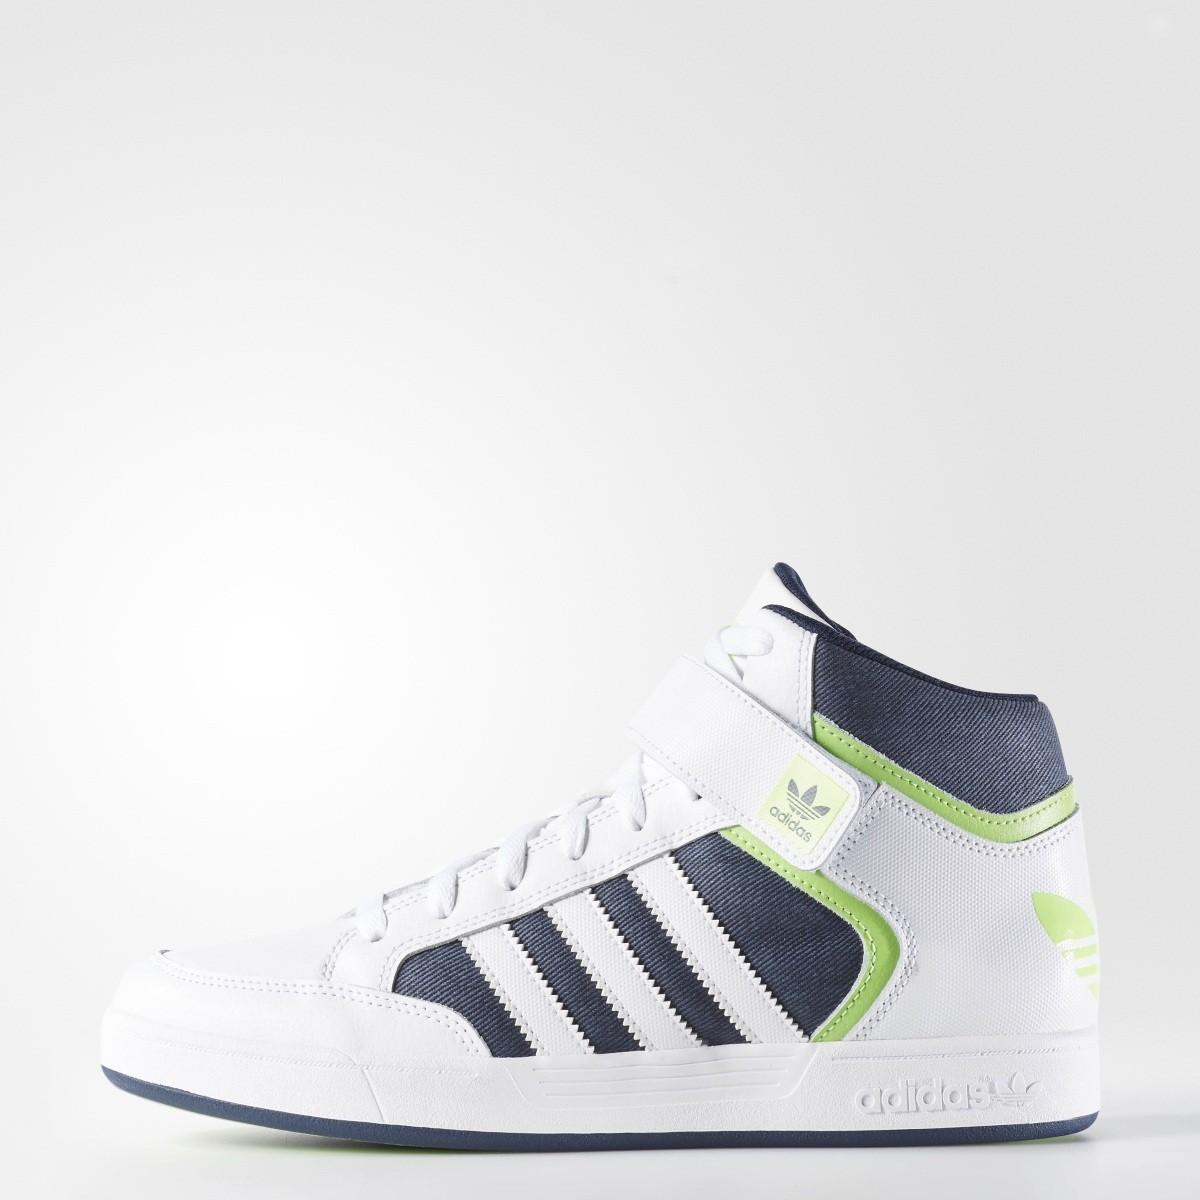 Pánské boty adidas Originals VARIAL MID  90c0c86249e